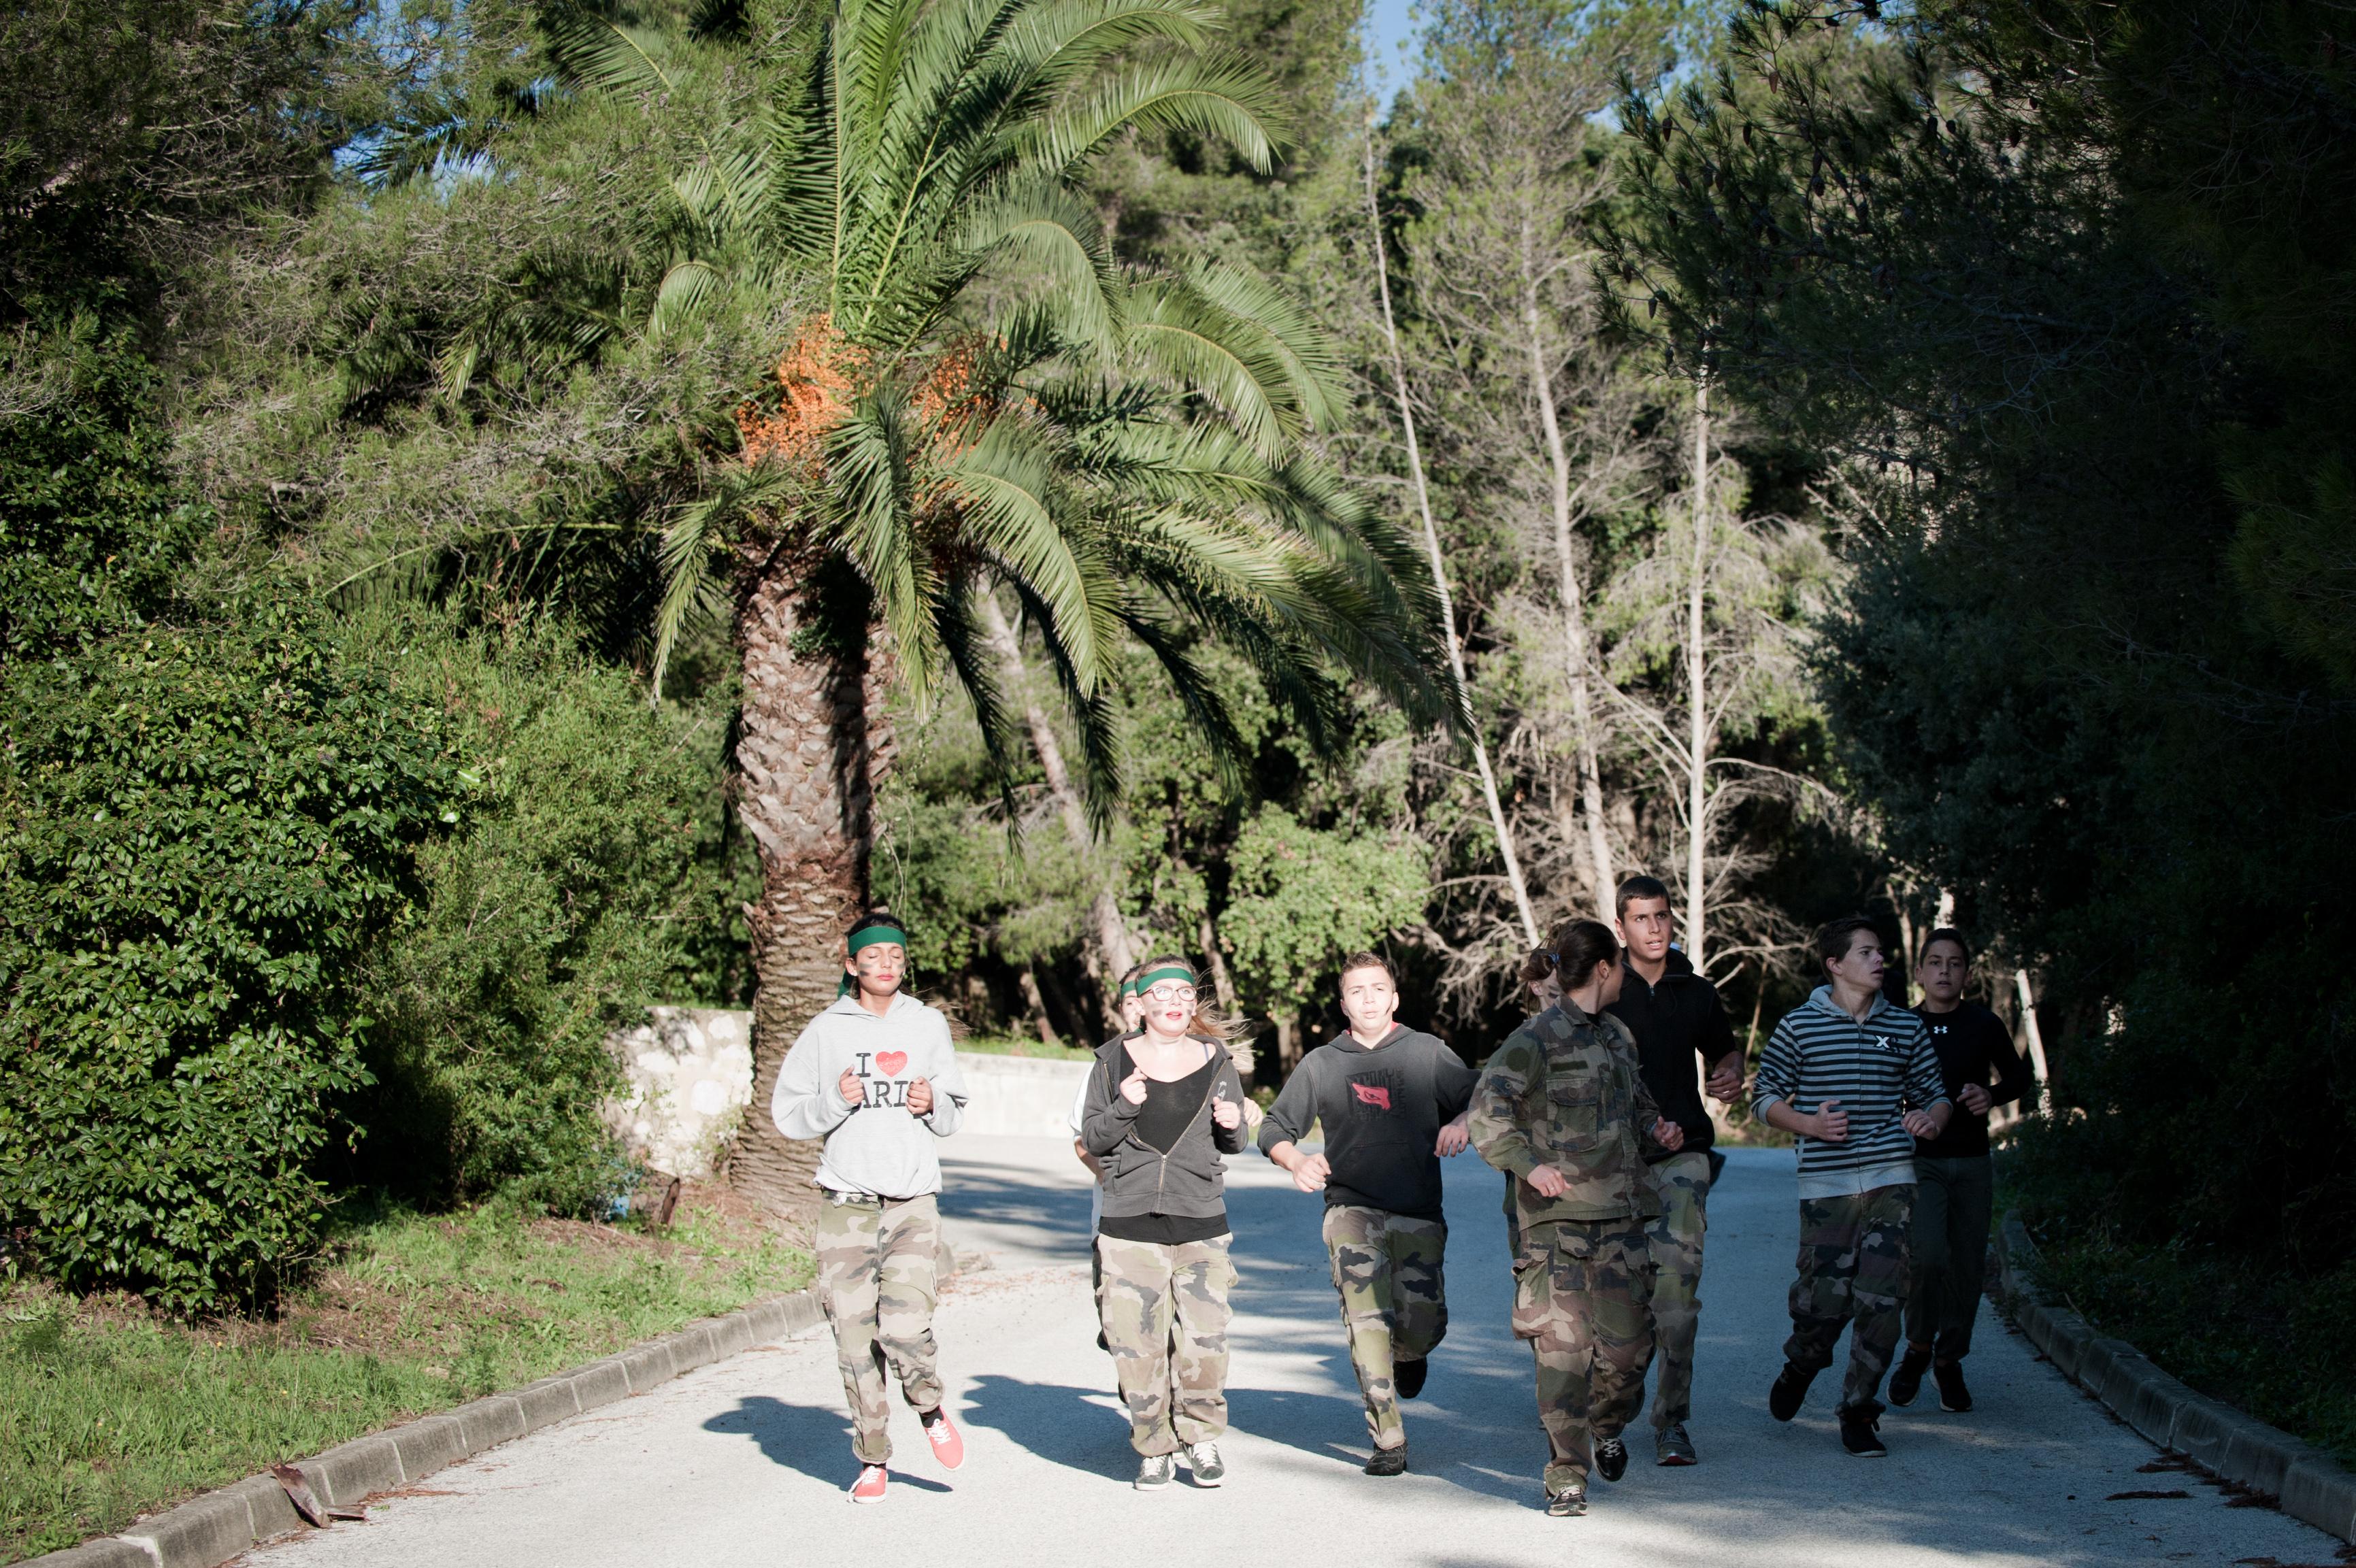 Journée Armée Jeunesse au Centre d'instruction navale de Saint-mandrier